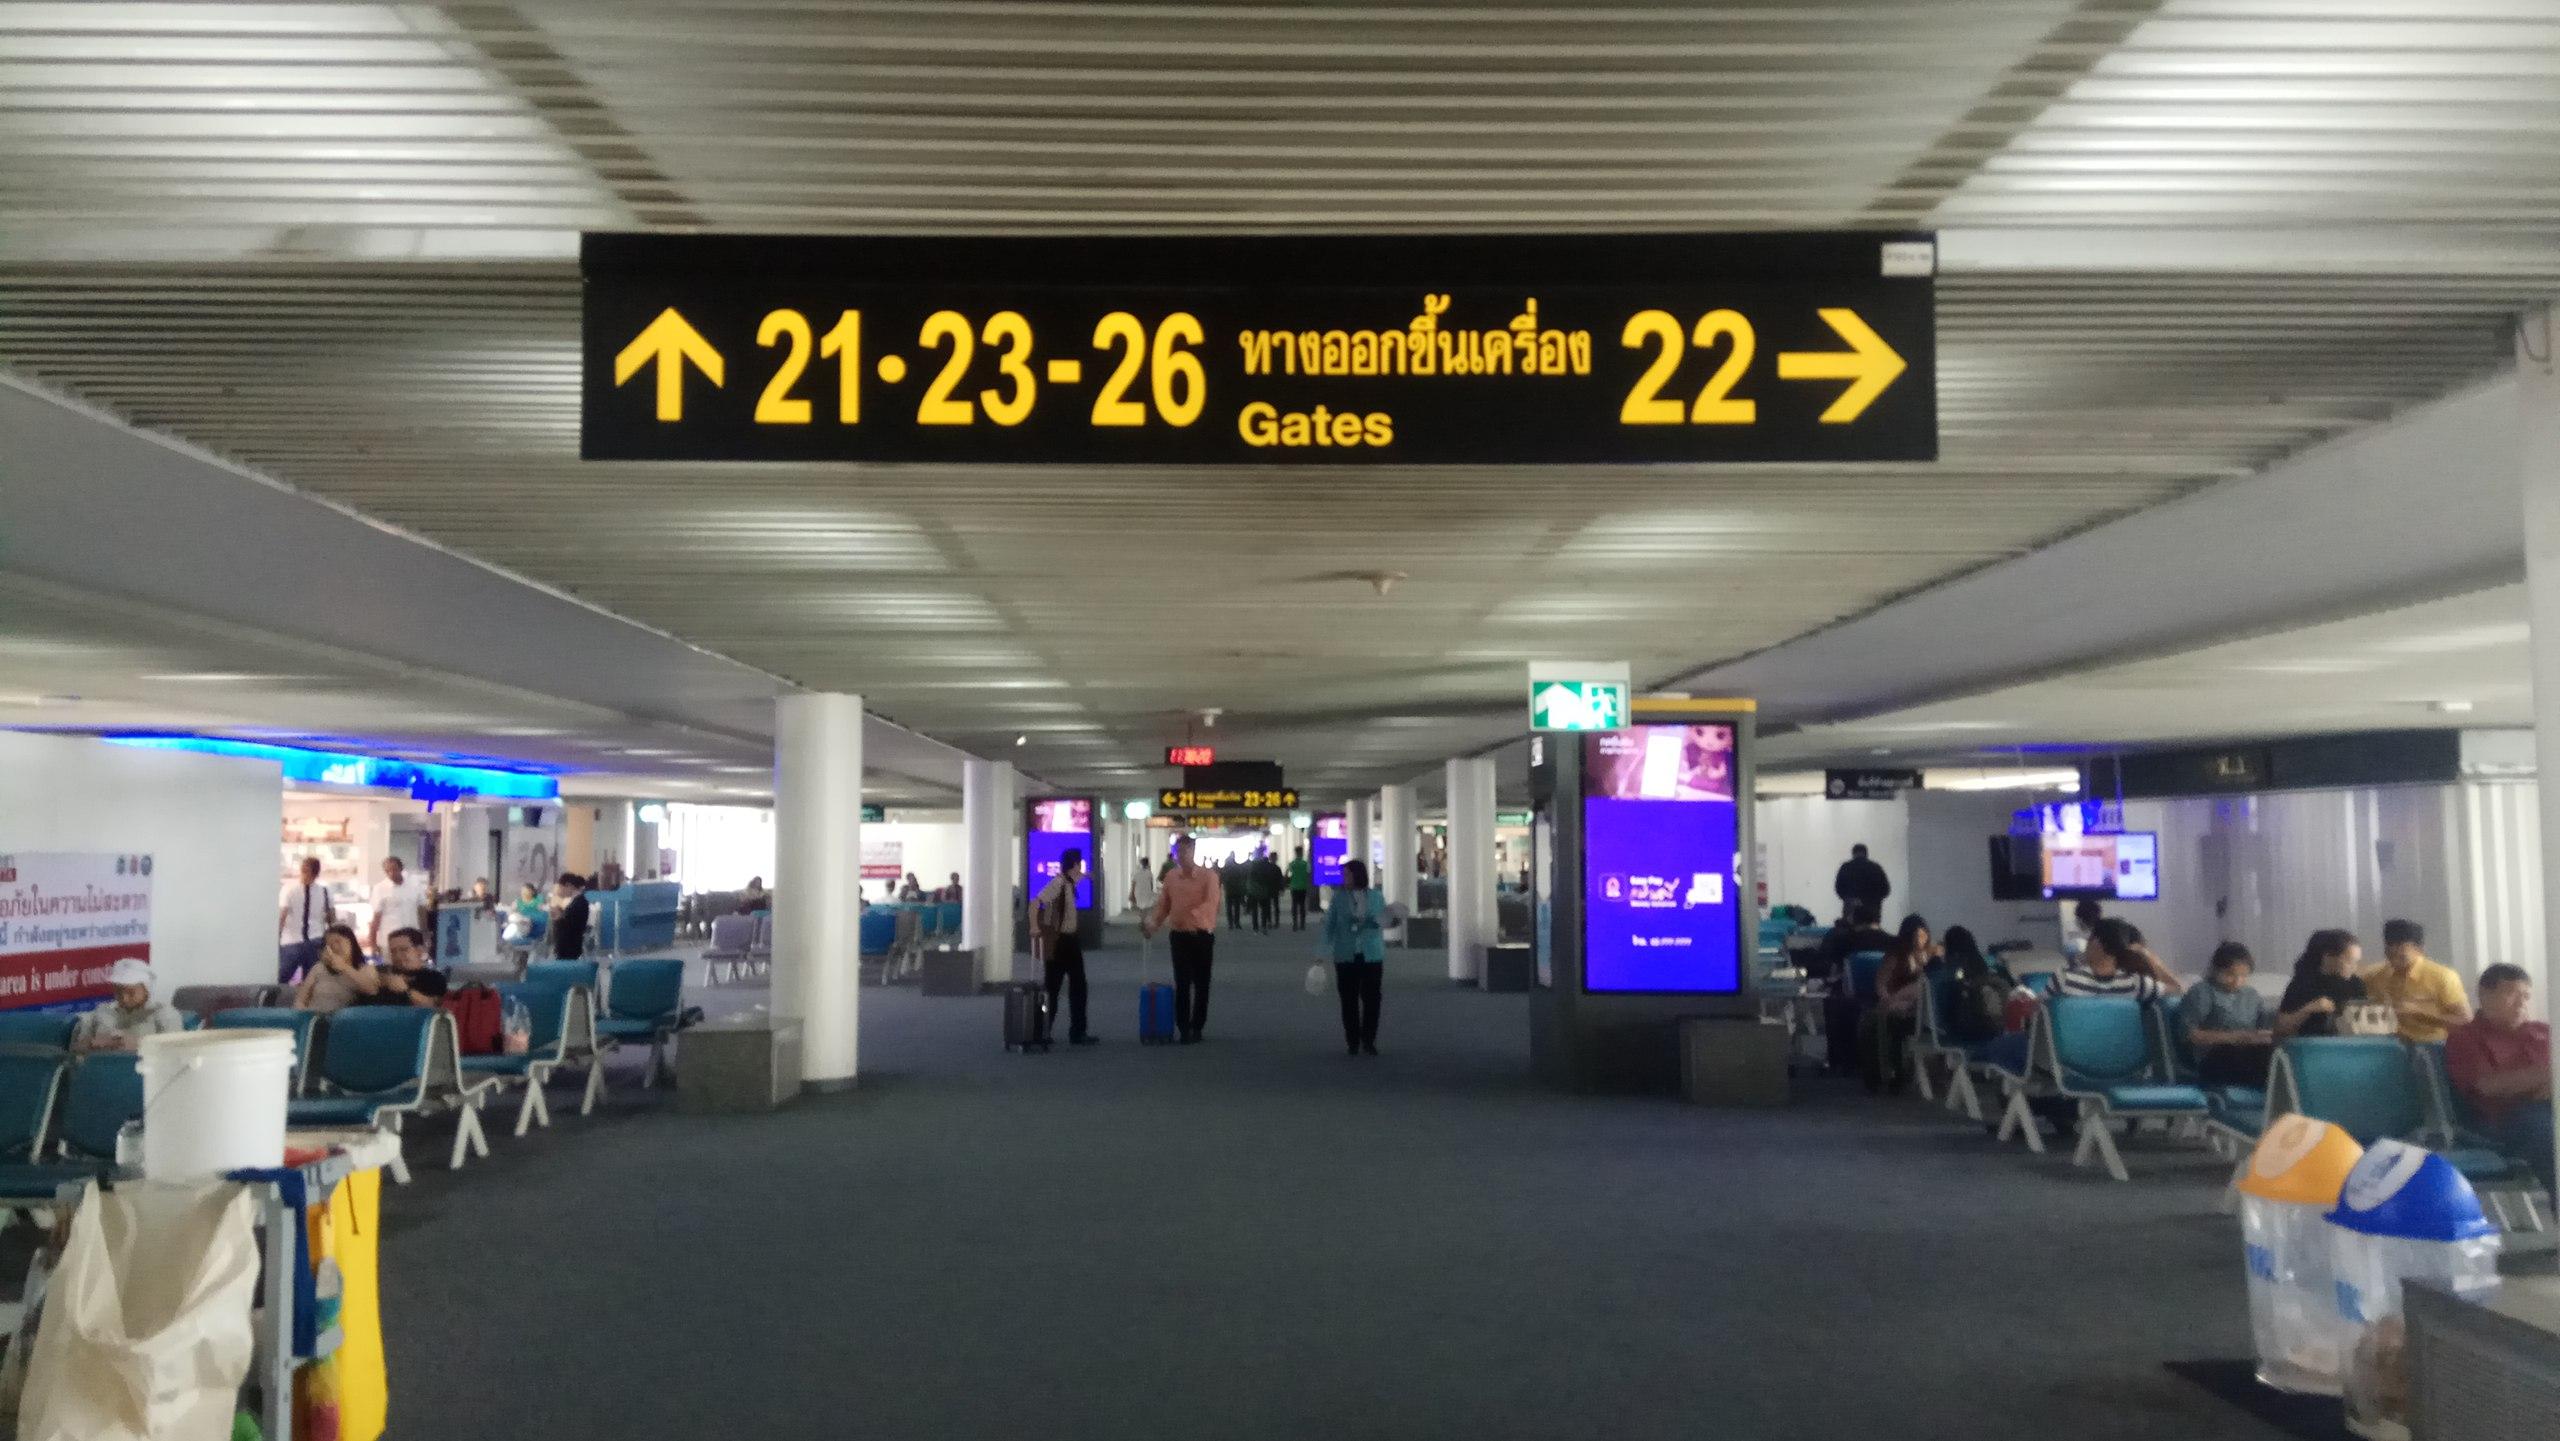 Аэропорт таиланд бангкок